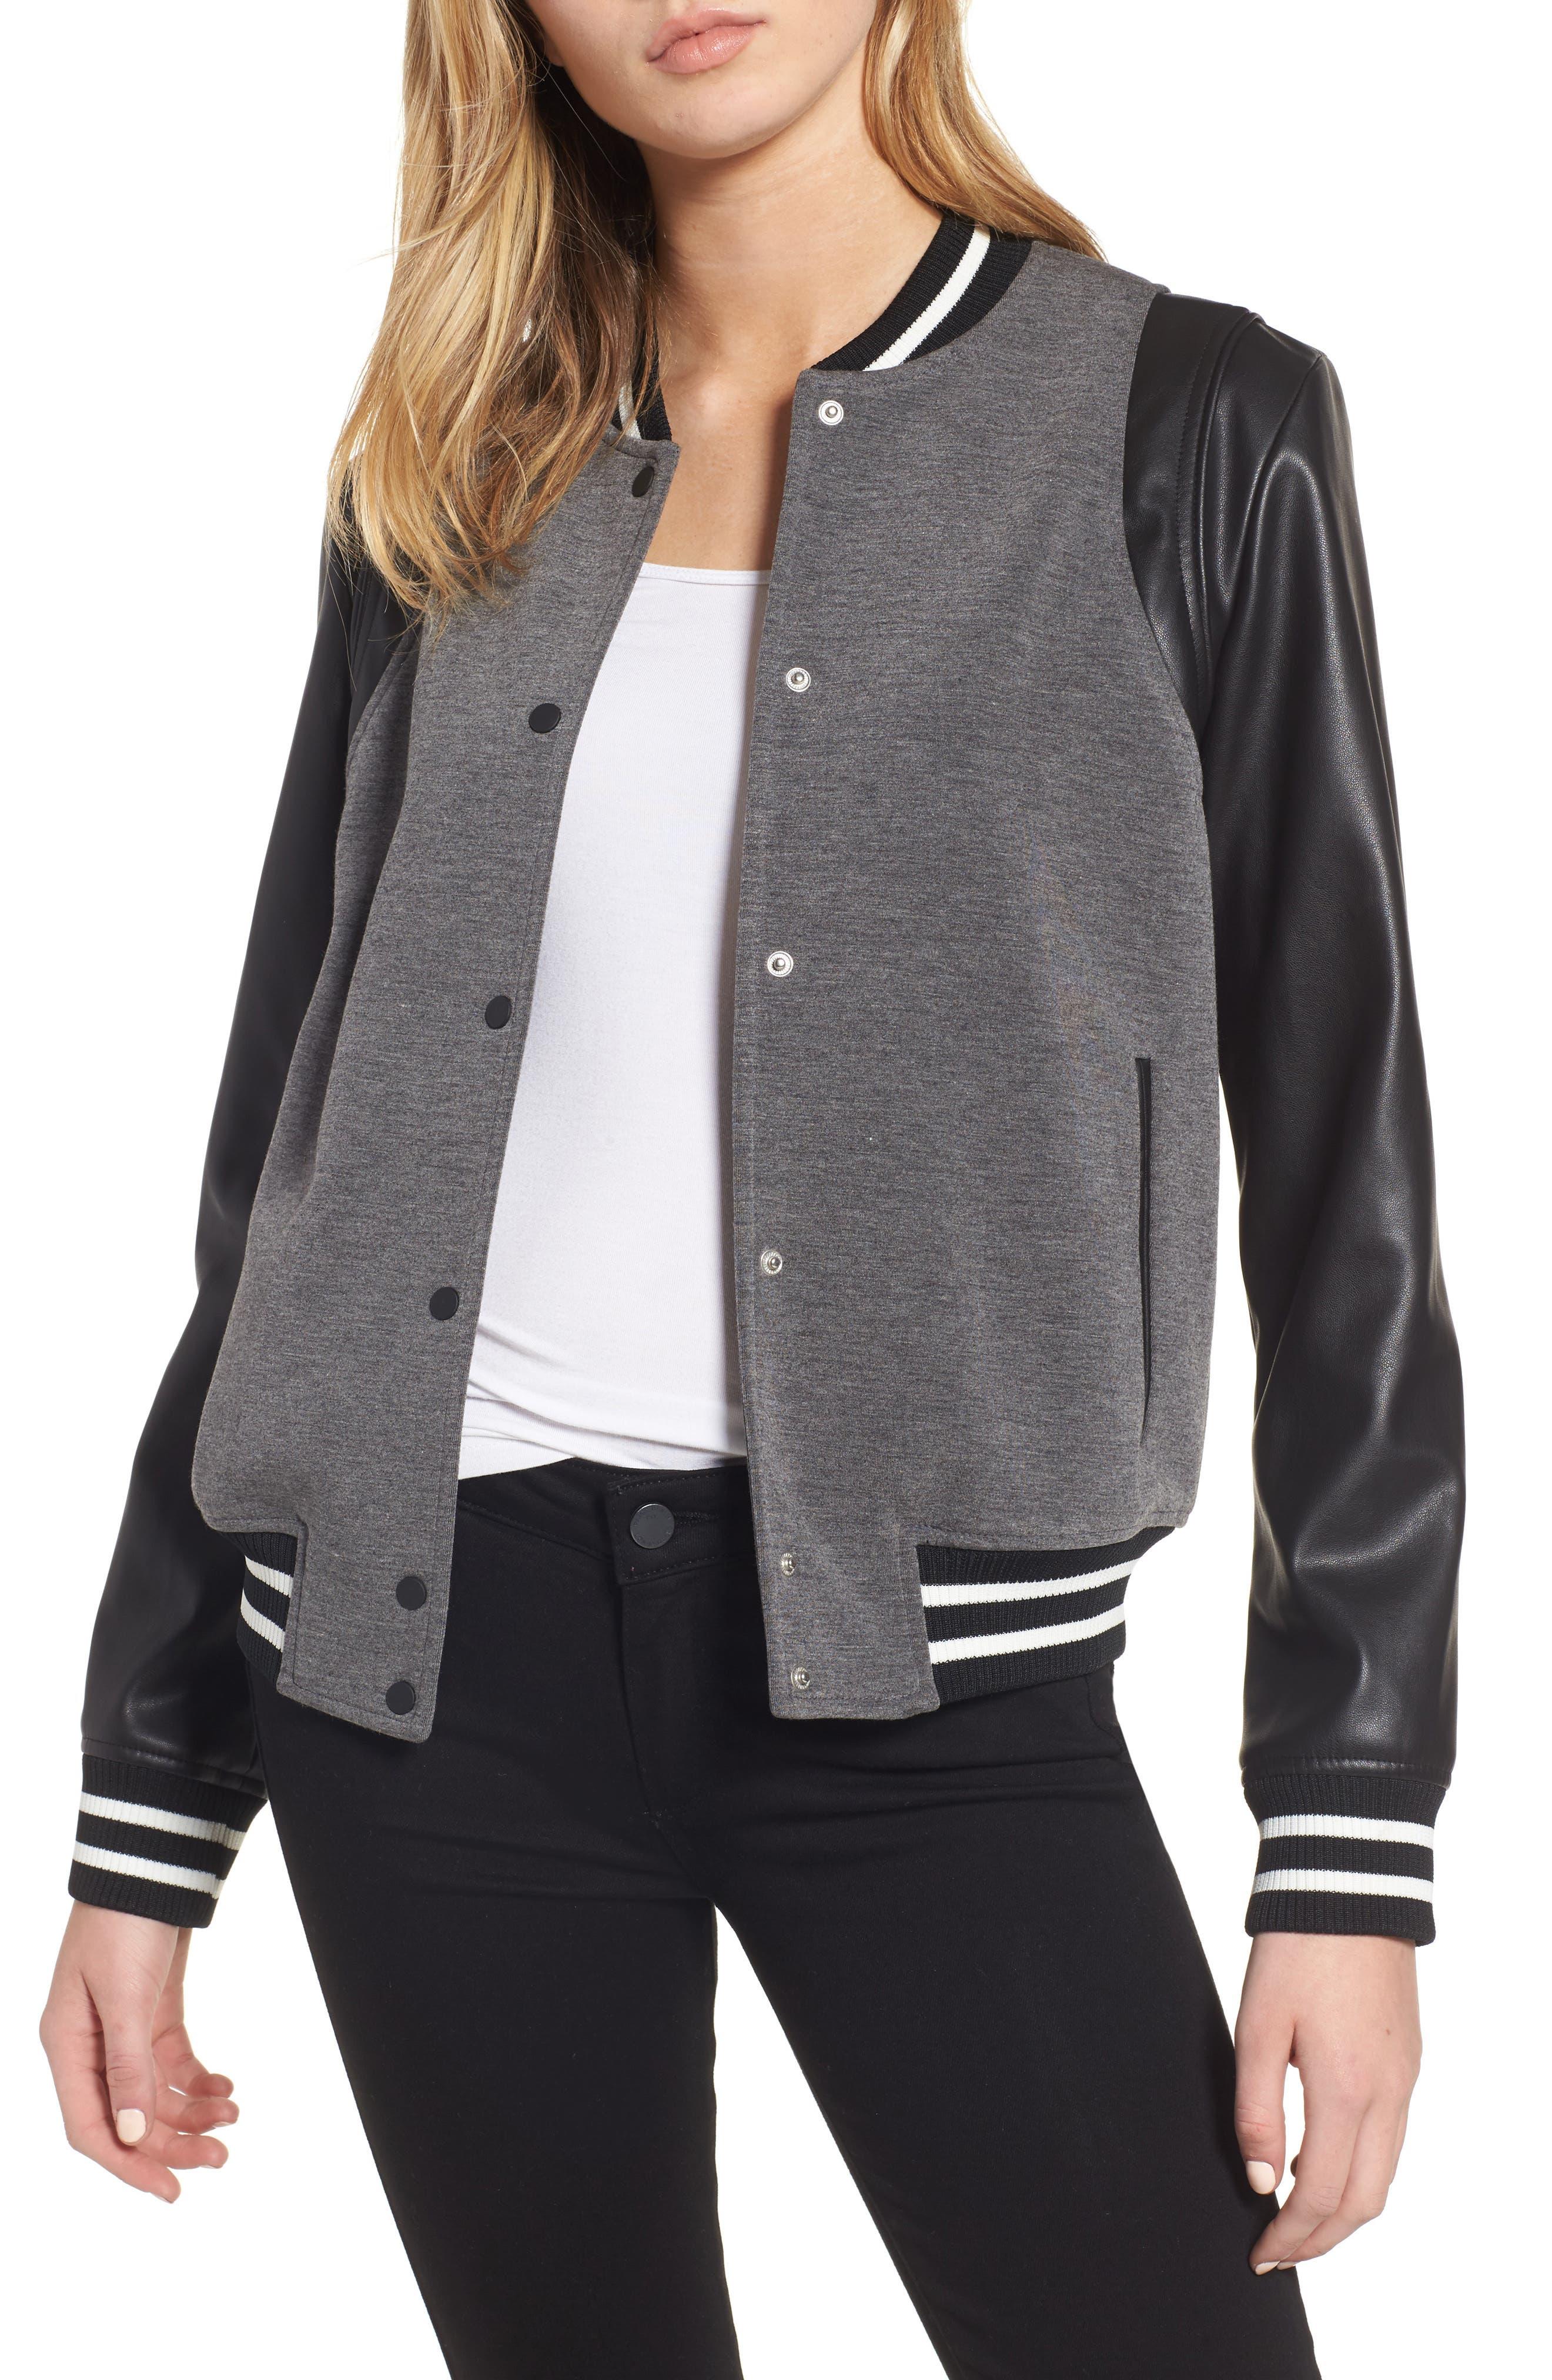 Alternate Image 1 Selected - Trouvé Varsity Jacket